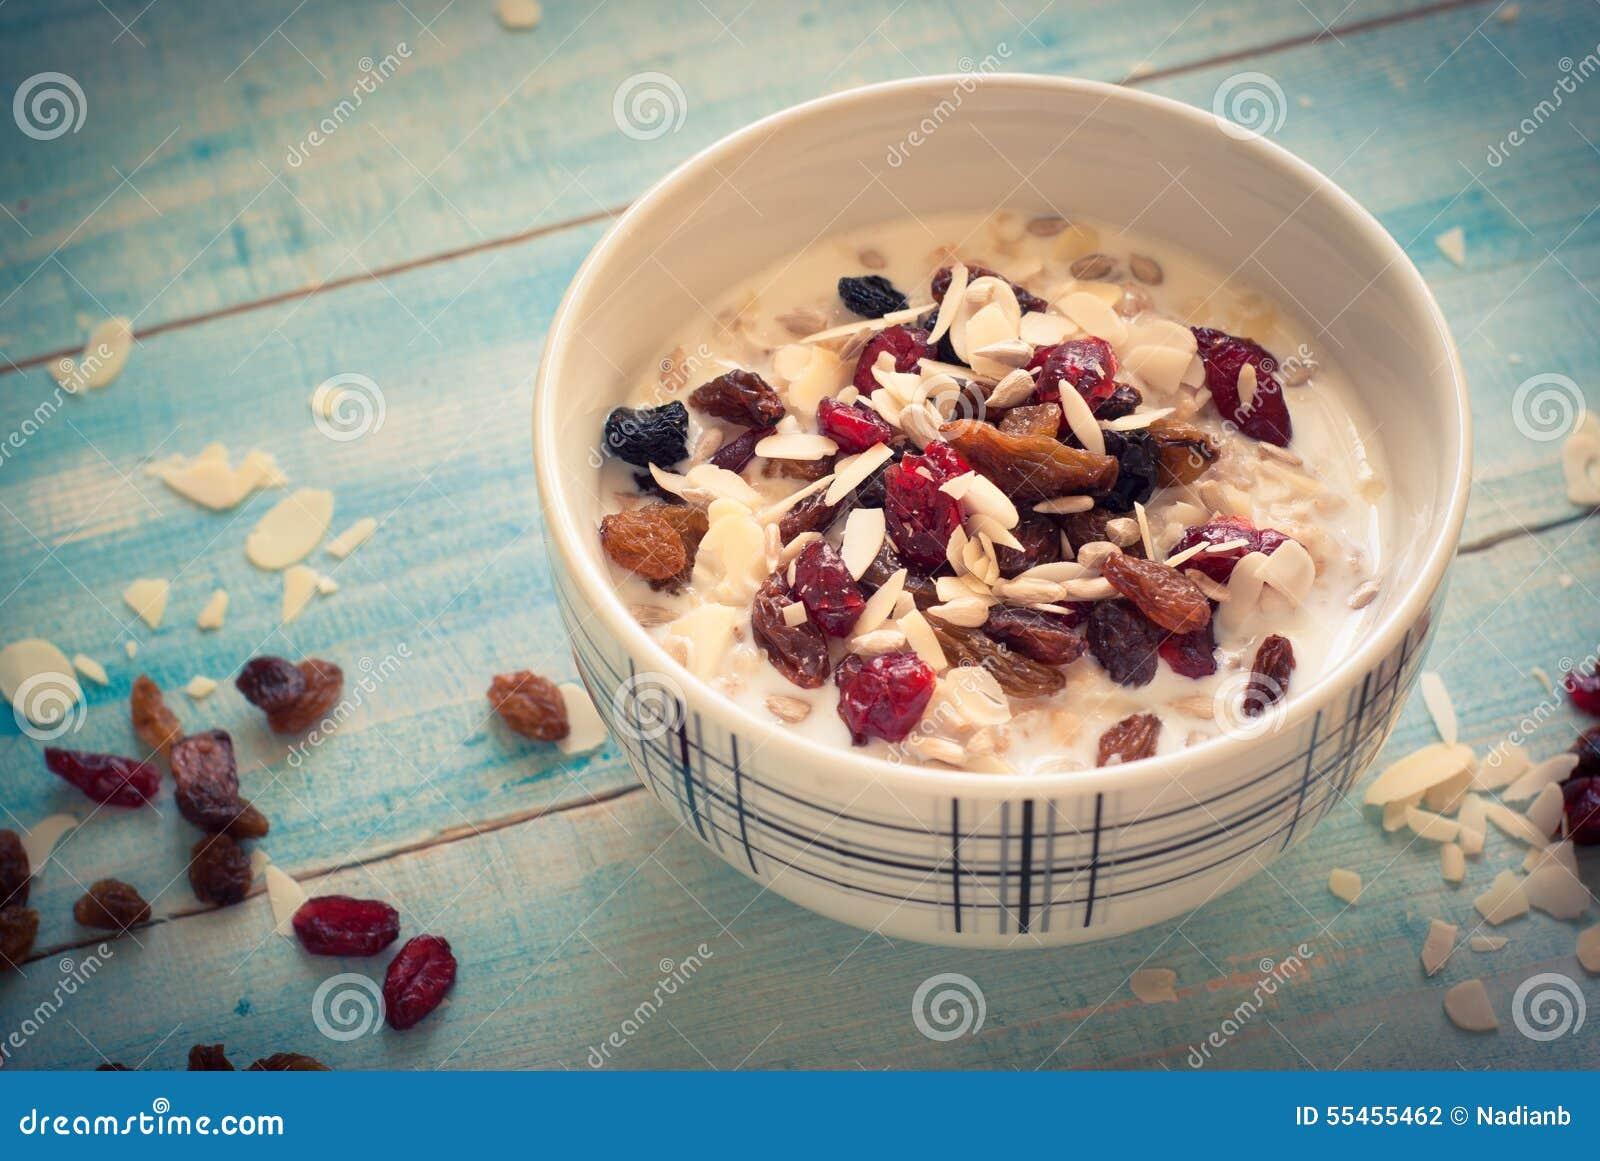 Havremjöl med torkat - frukt